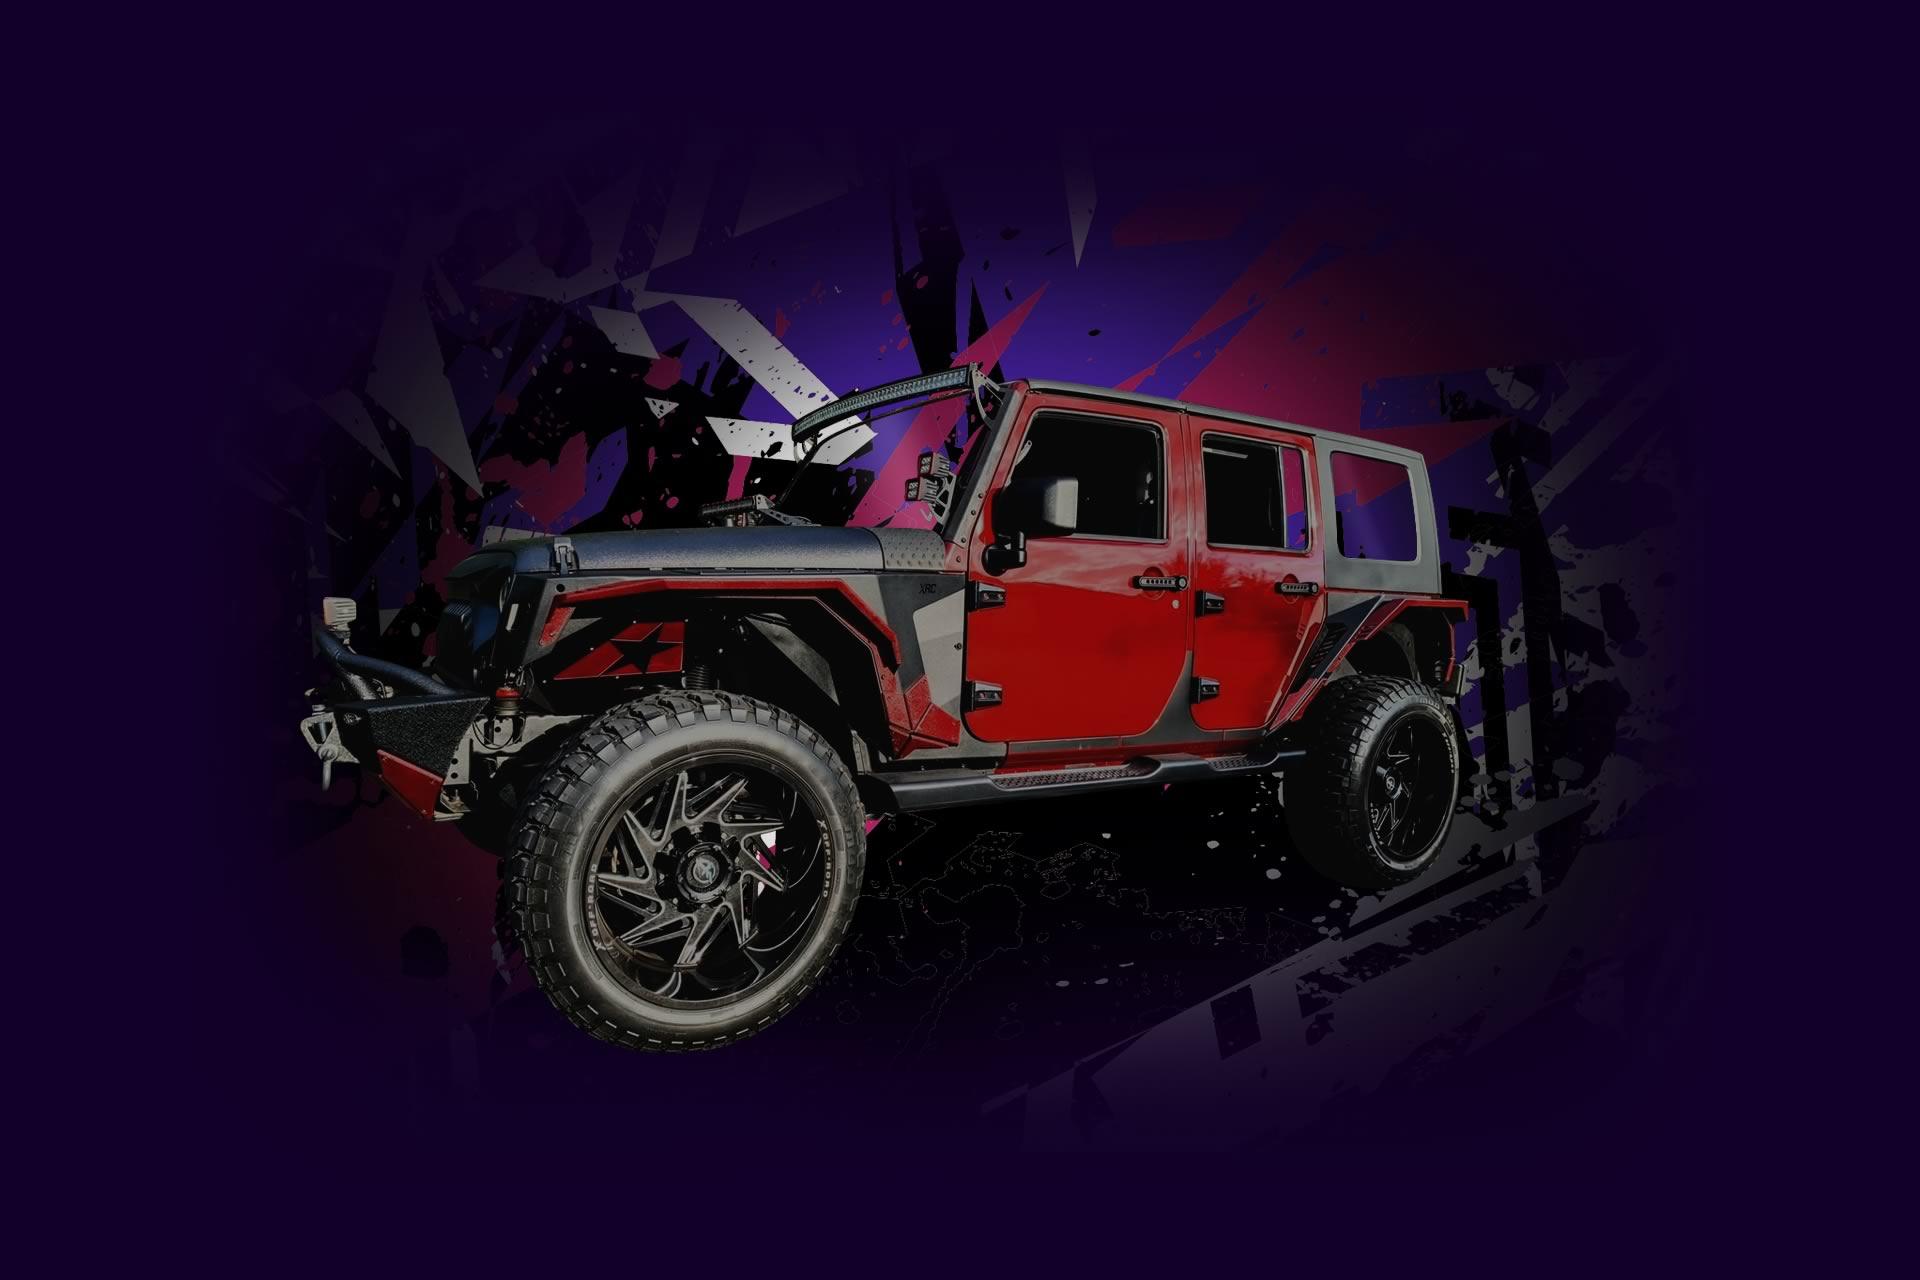 Jeep Xtreme DJ vehicle